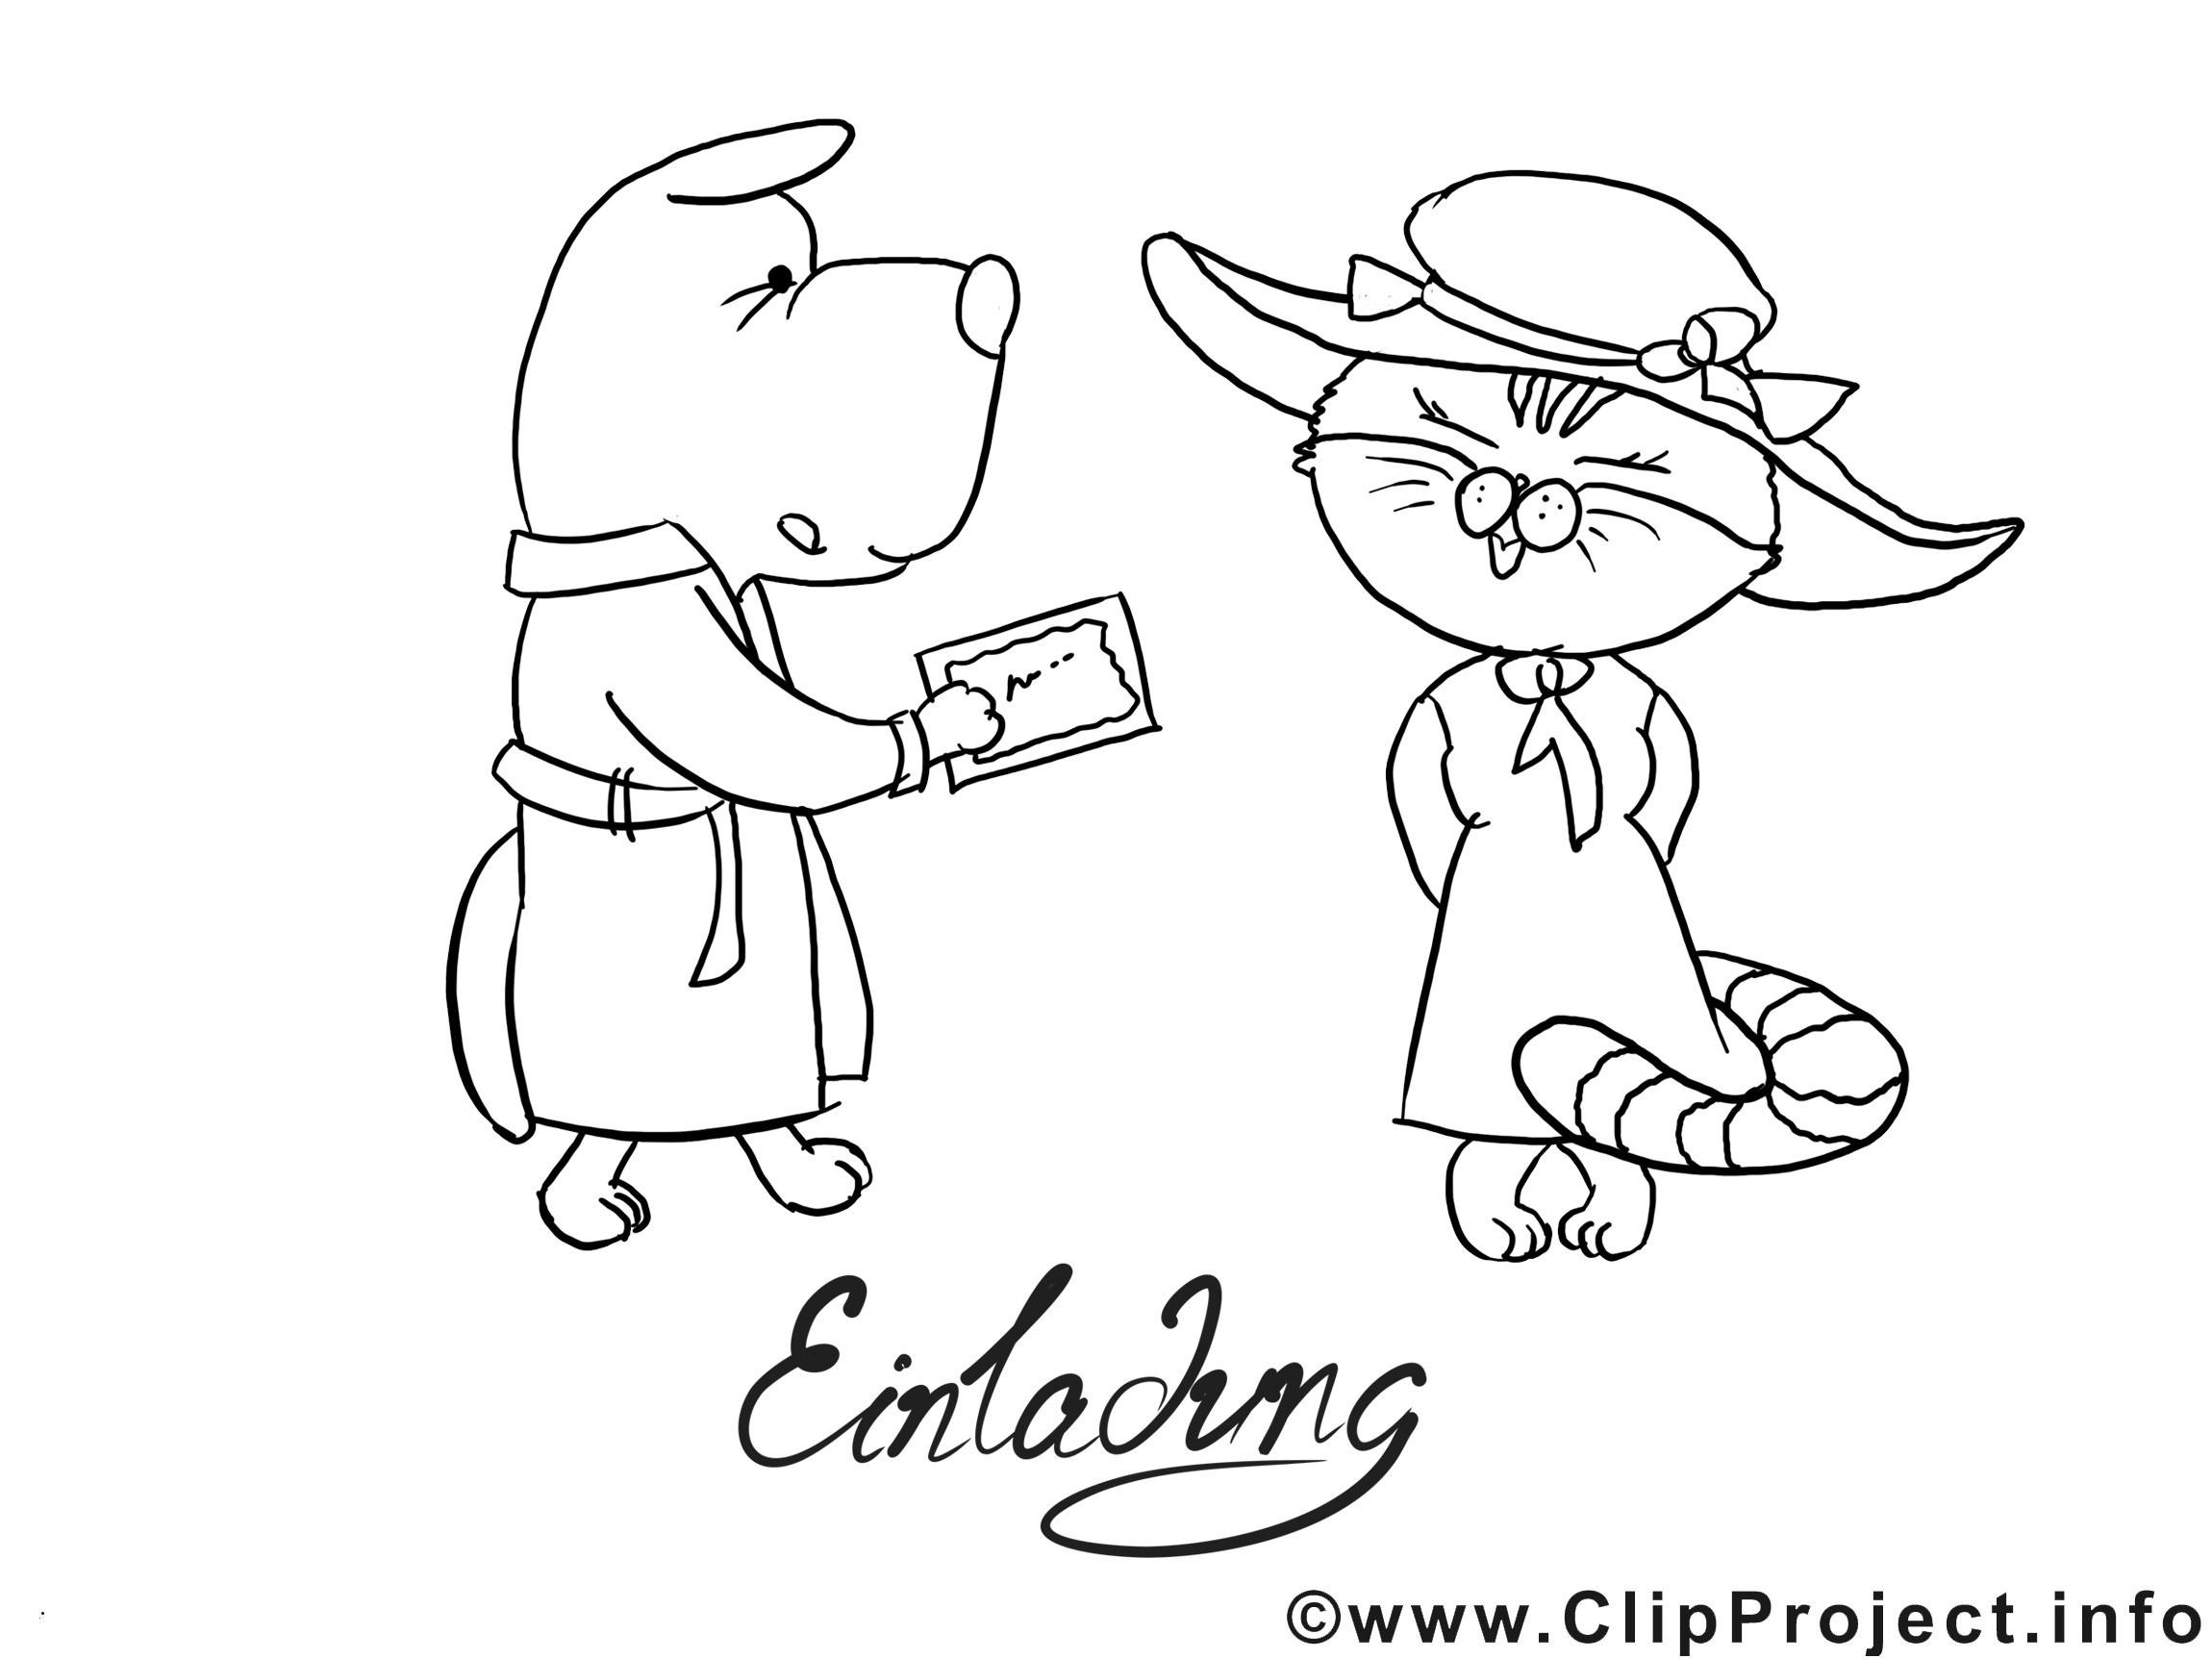 Ausmalbilder Hund Und Katze Das Beste Von Malvorlagen Igel Frisch Igel Grundschule 0d Archives Uploadertalk Sammlung